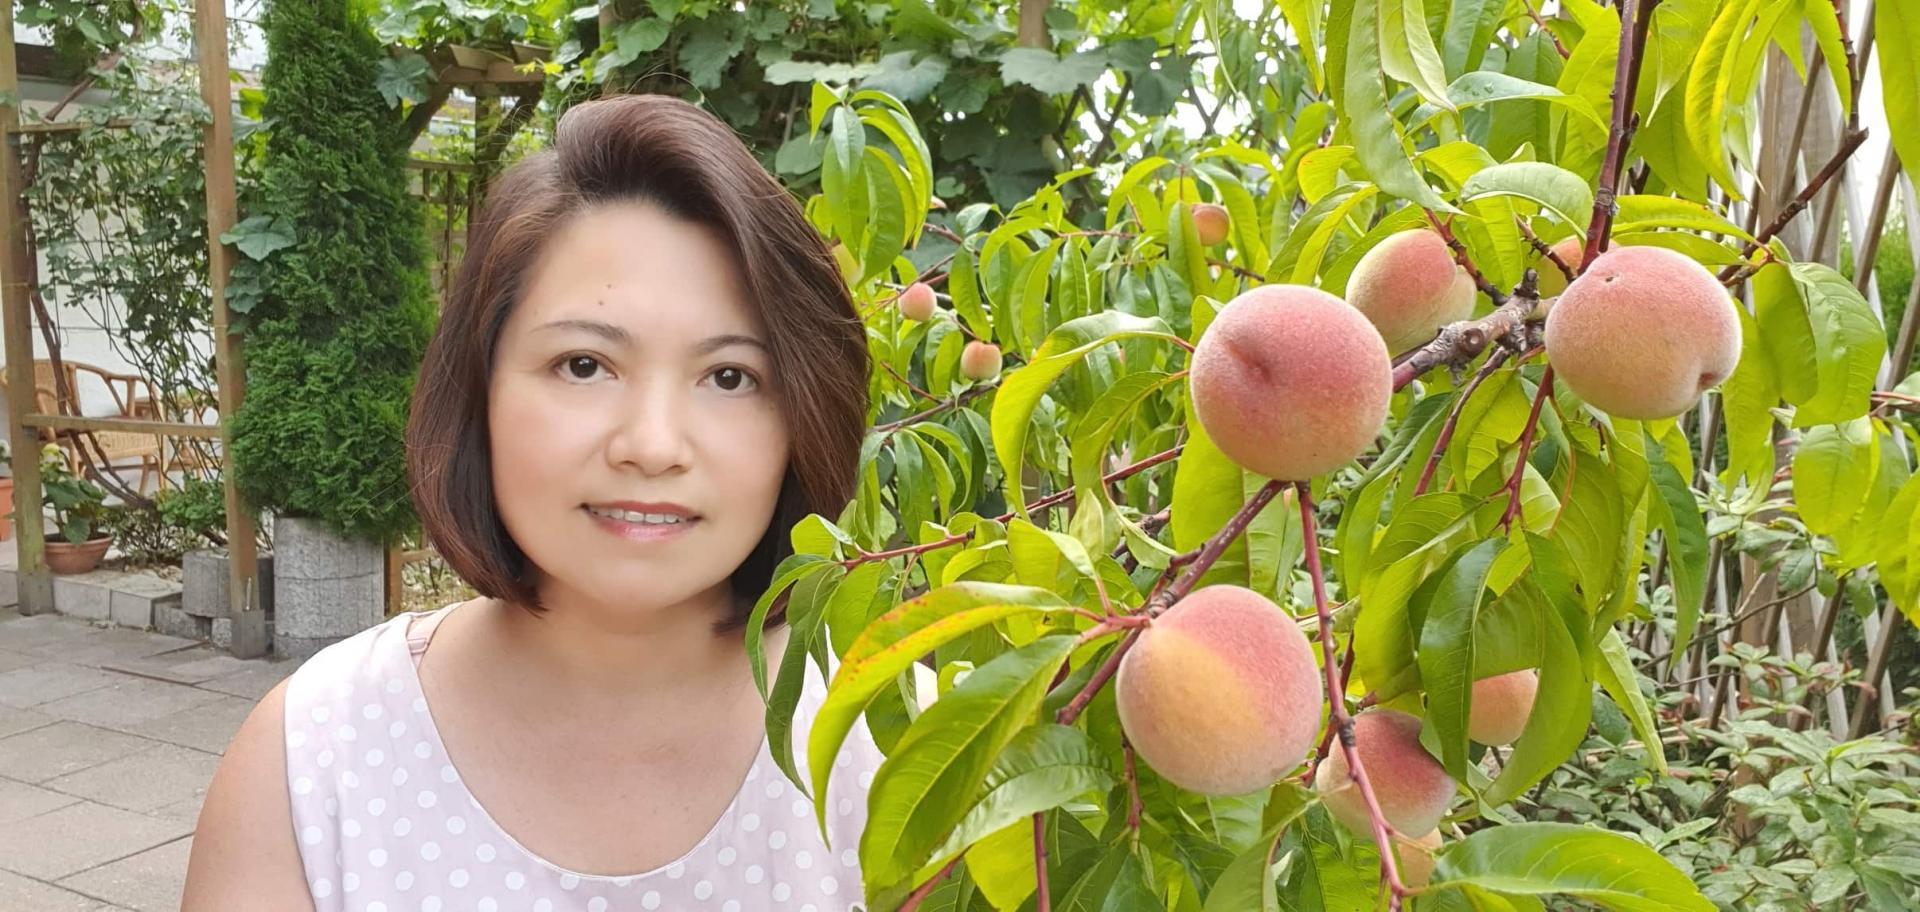 Khu vườn 1000m2 đầy hoa thơm trái ngọt của cặp vợ chồng người Việt ở Đức Ảnh 11